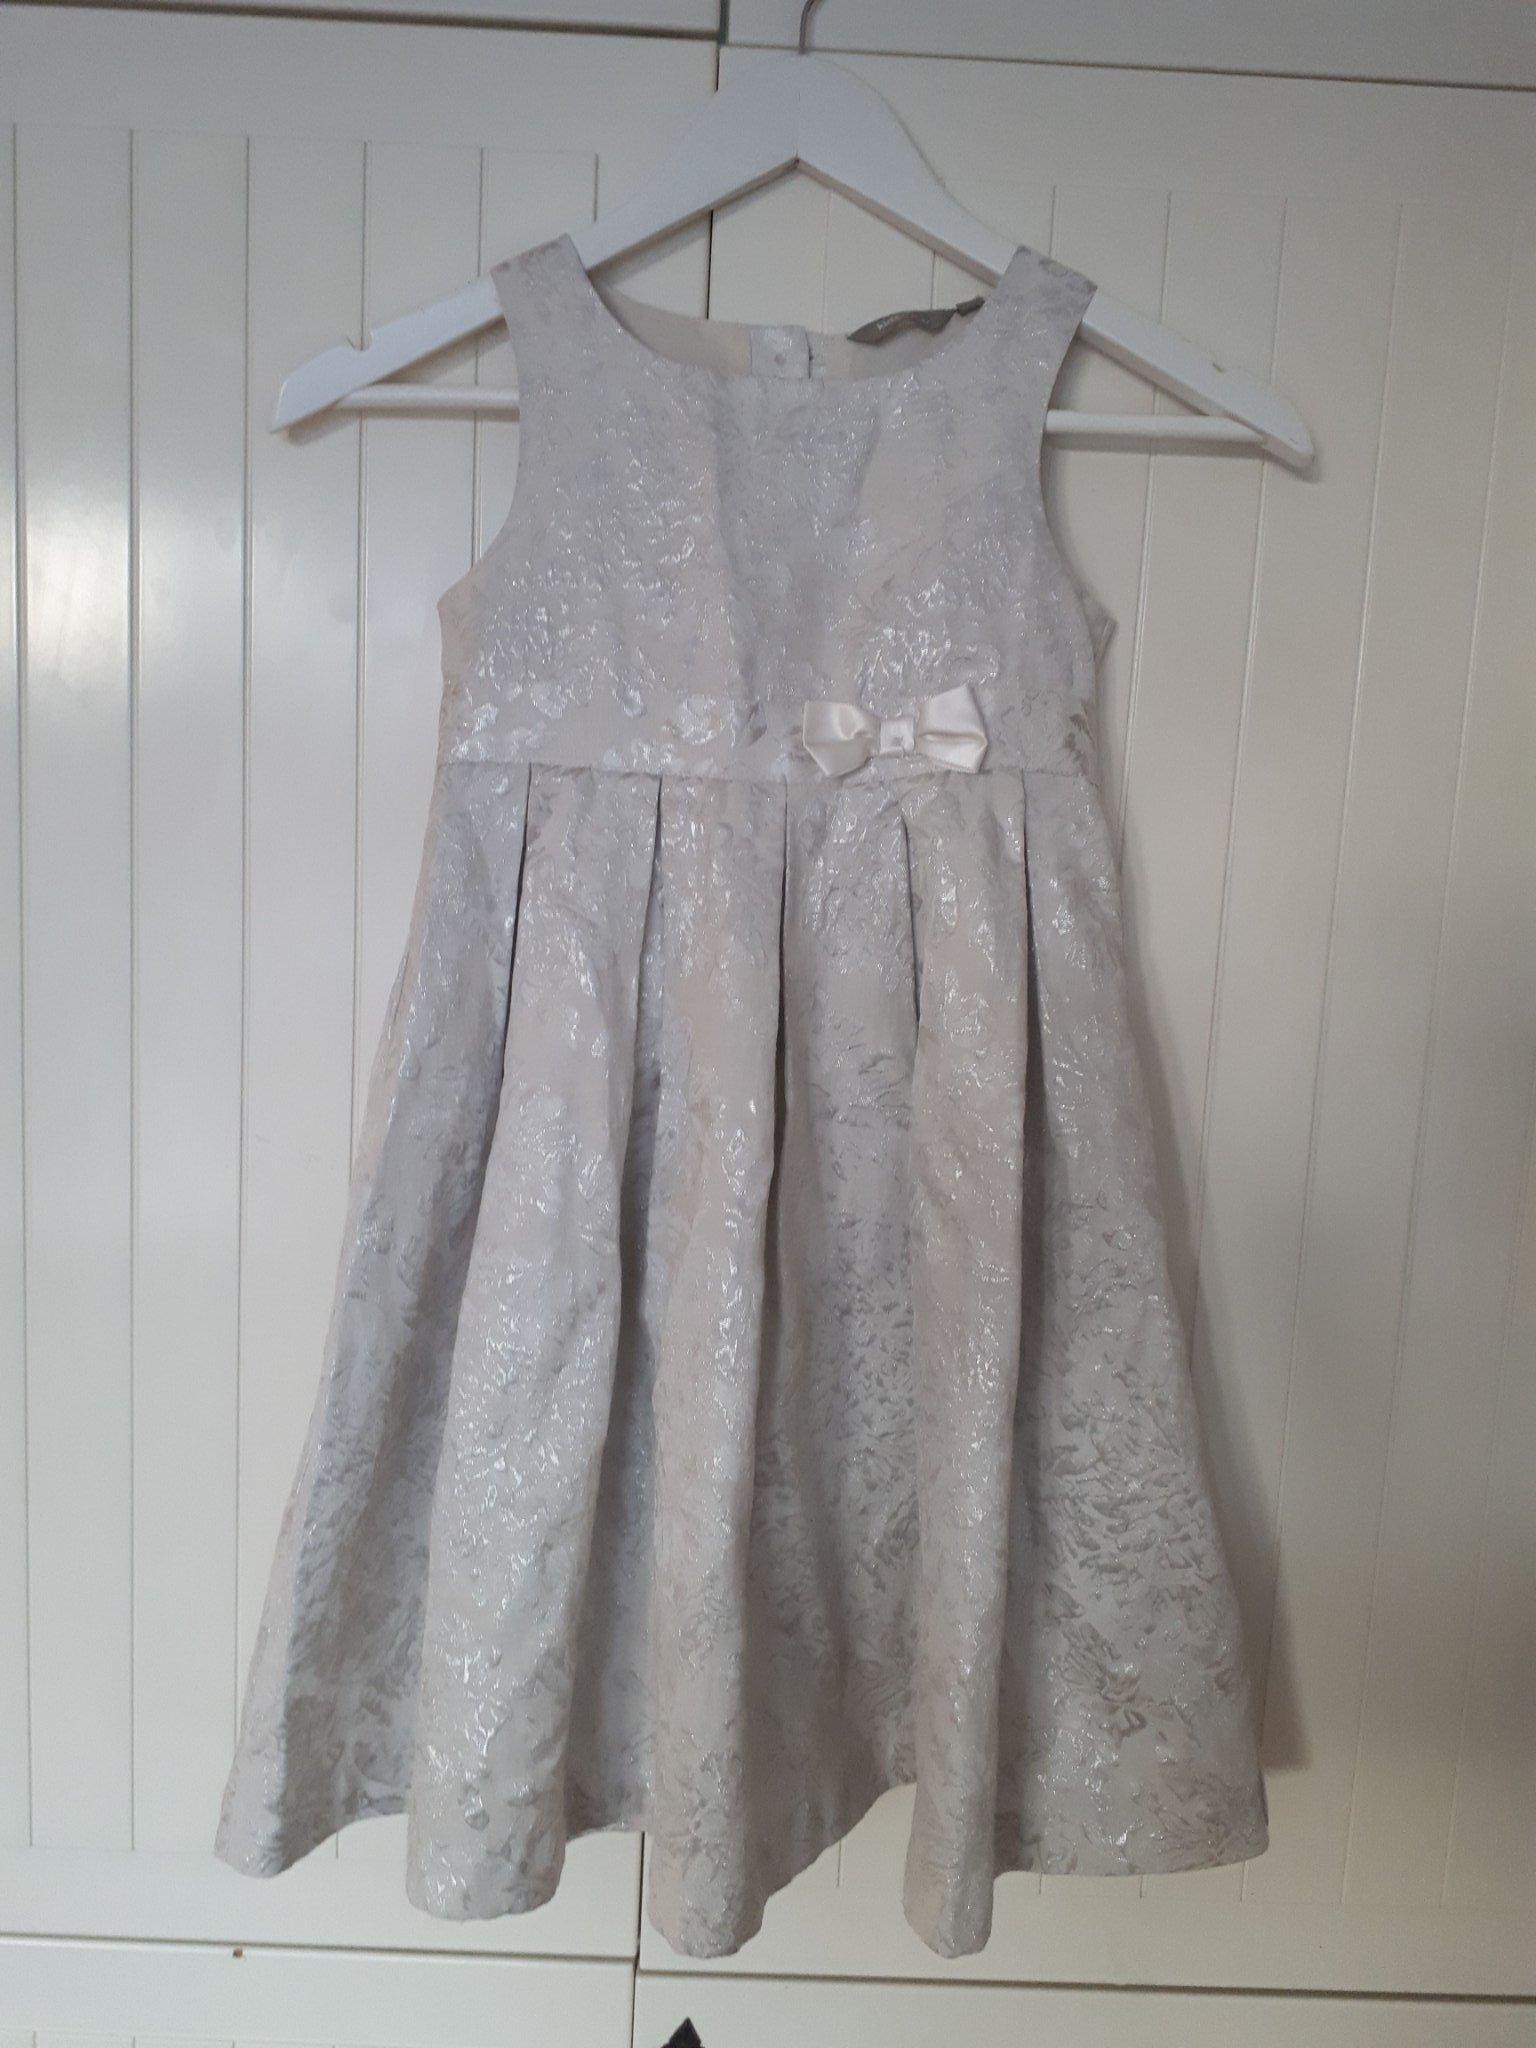 klänning stl 116 passar uop till stl 128. silve.. (381953678